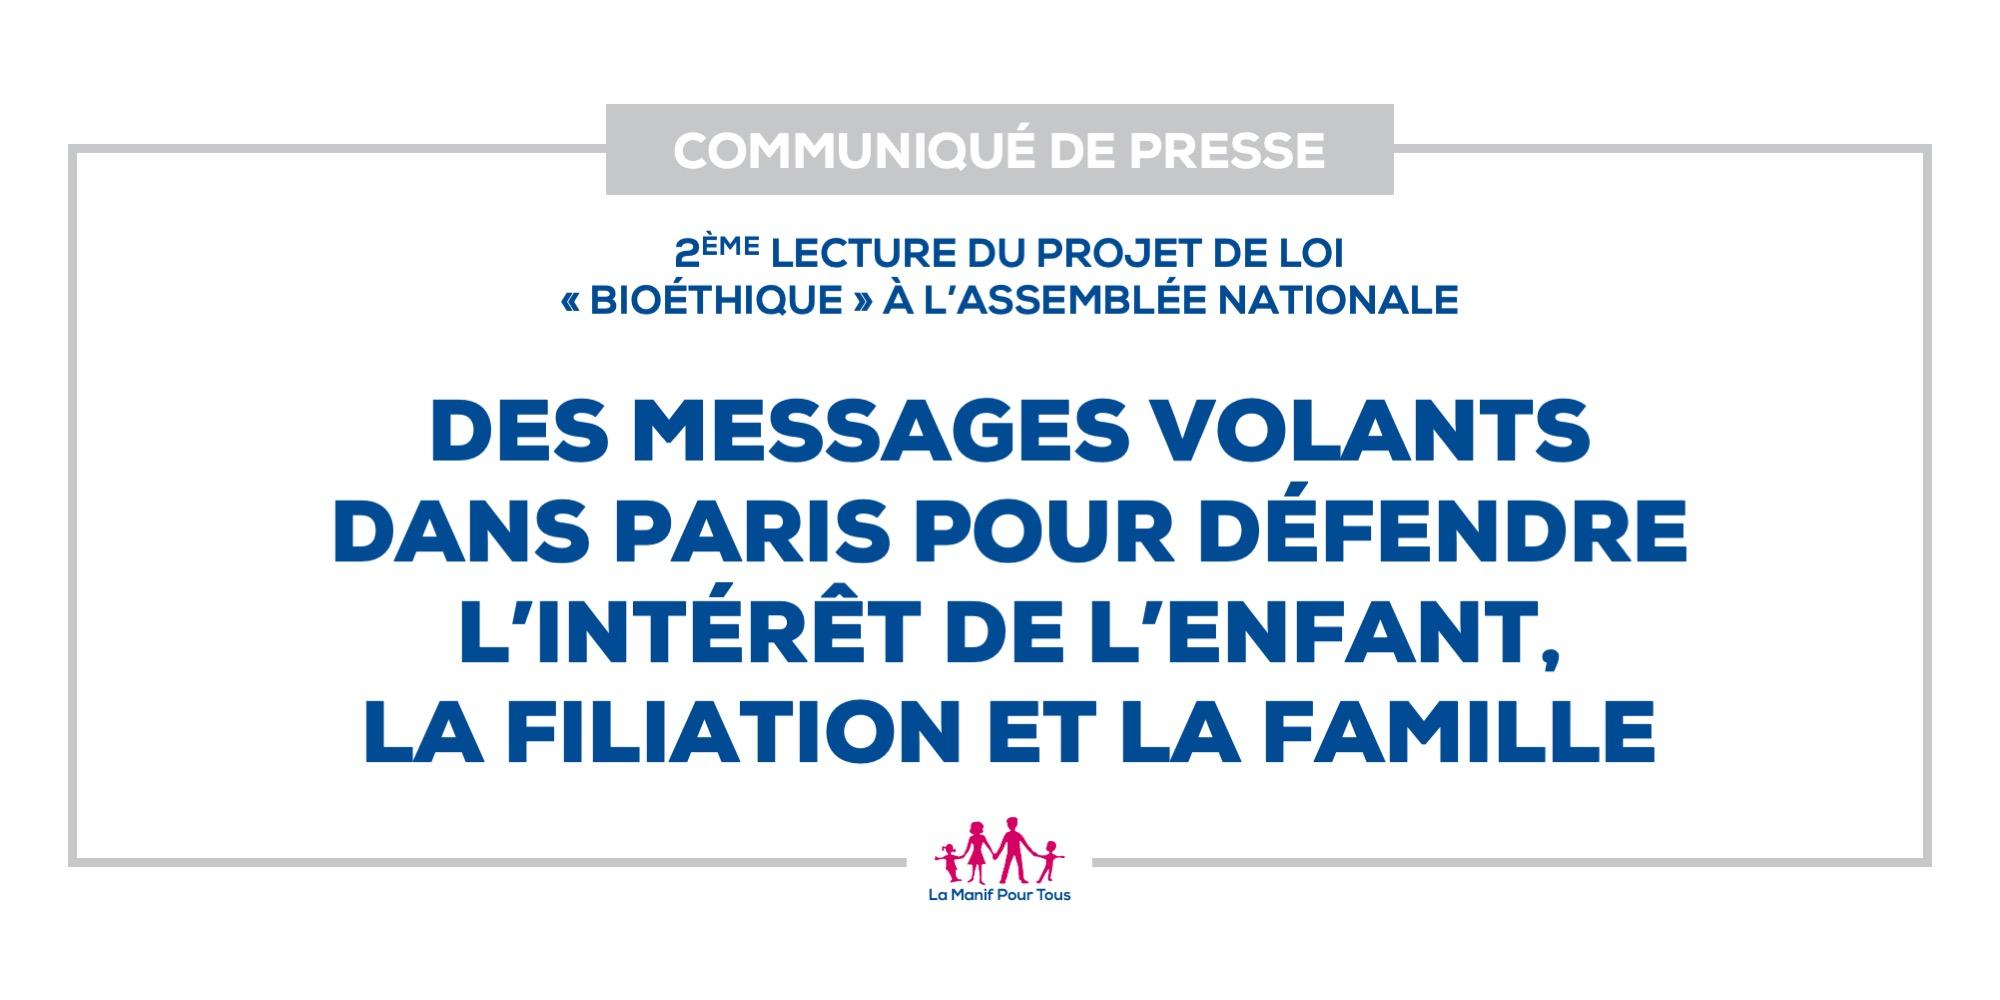 Image - Des messages volants dans Paris pour défendre l'intérêt de l'enfant, la filiation et la famille